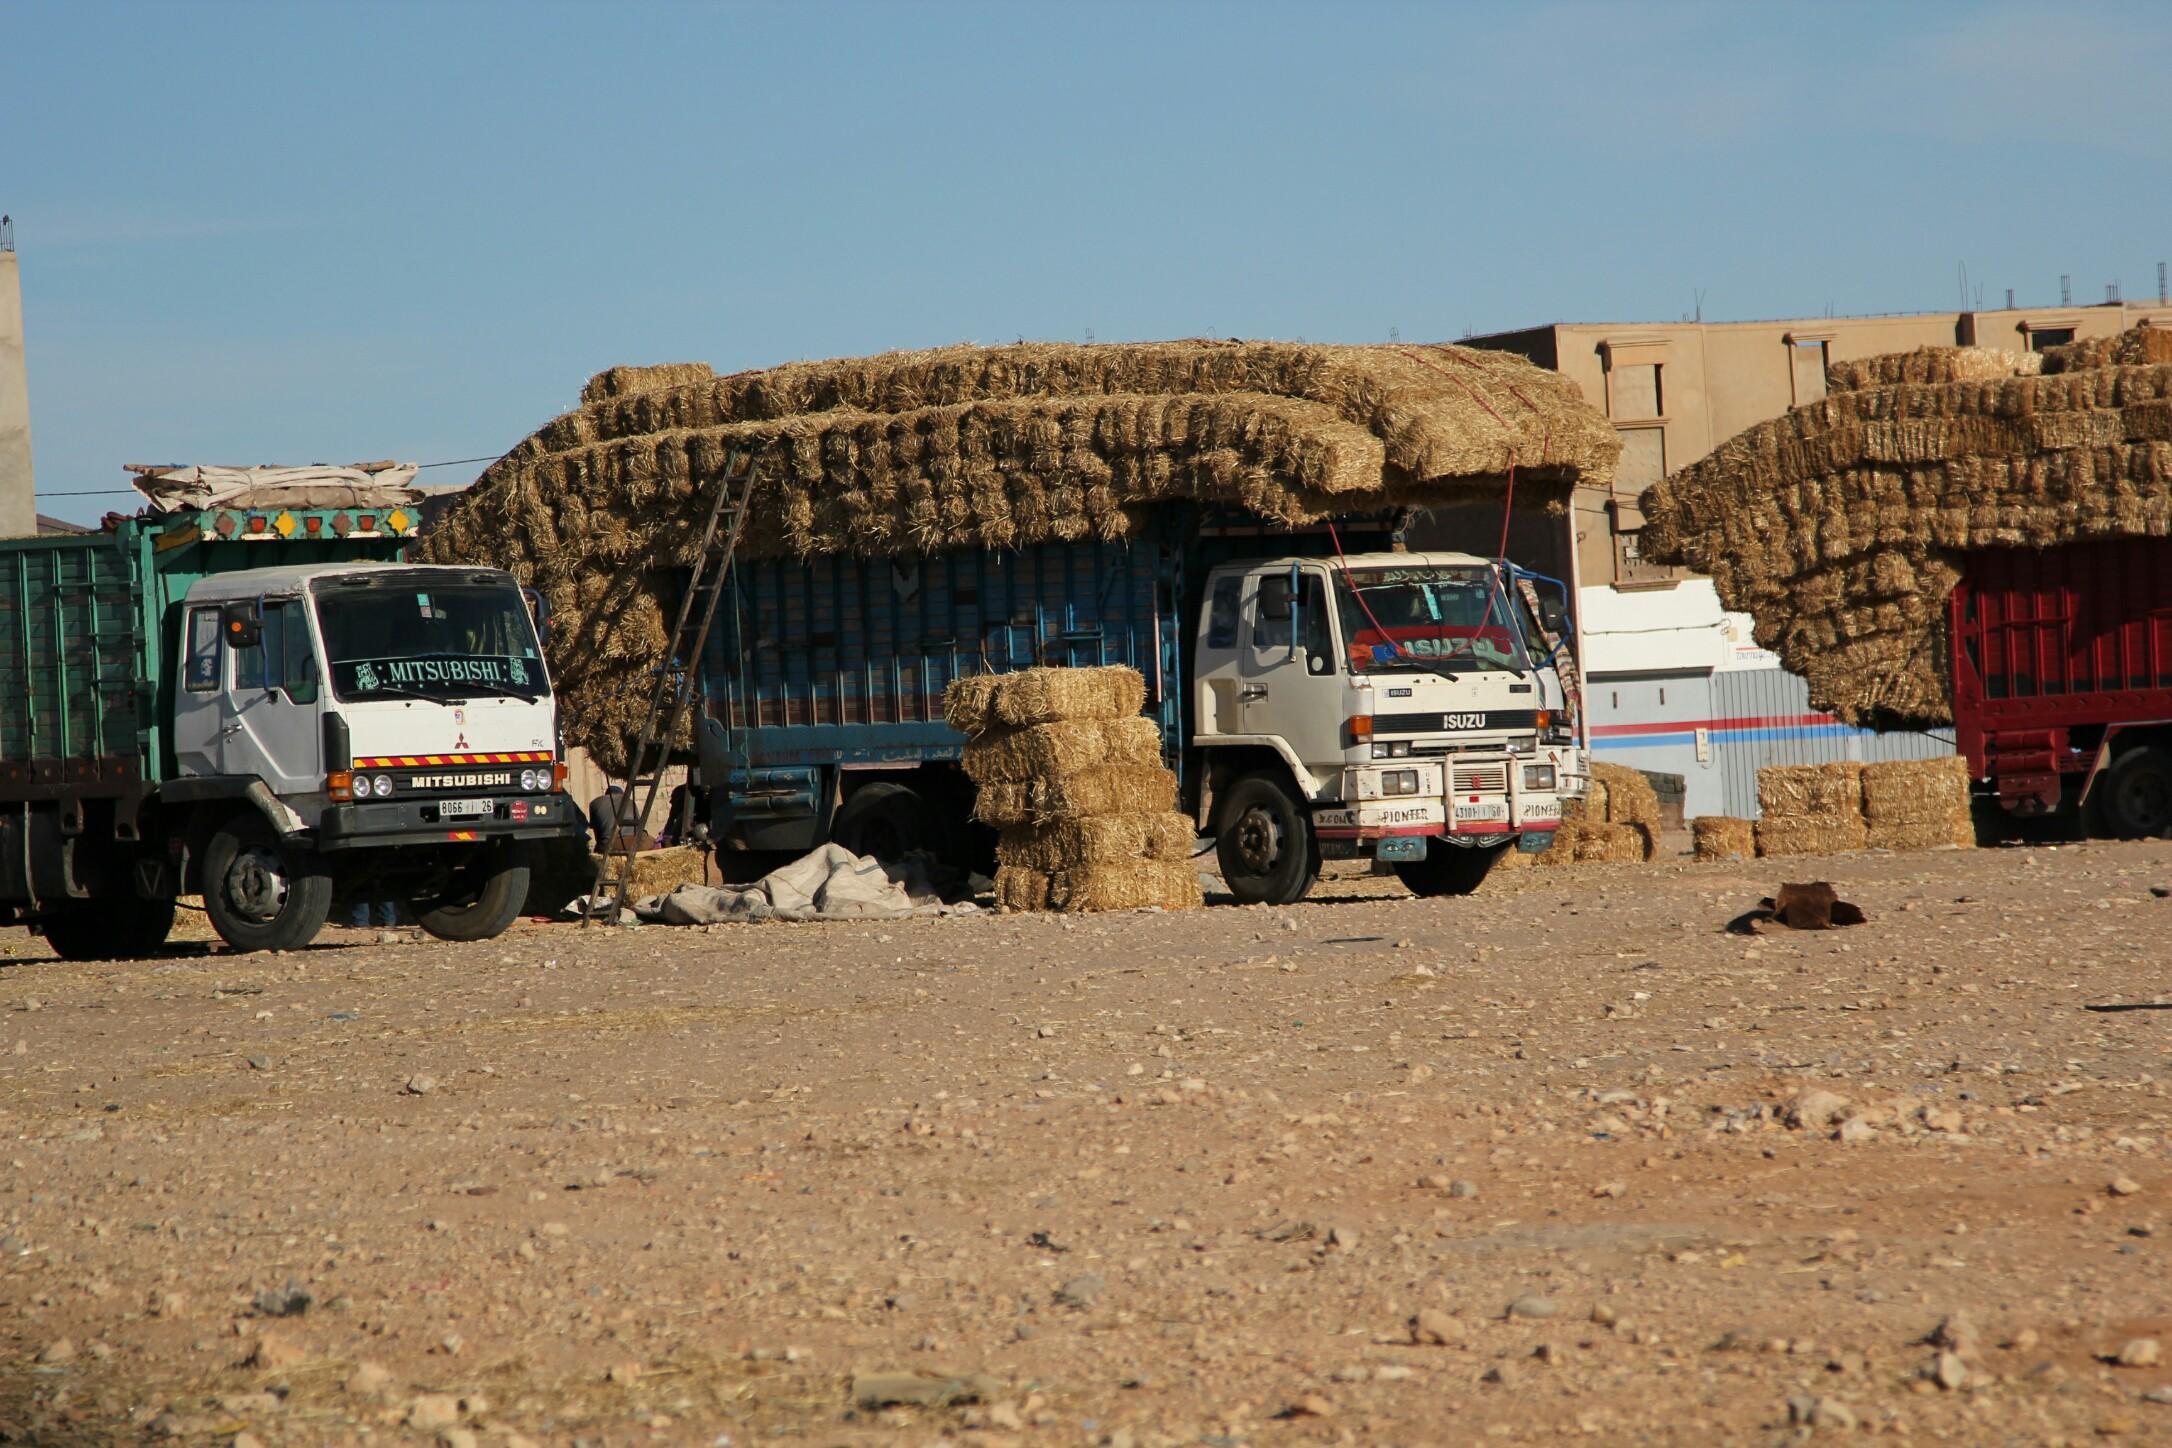 Maroko.Sprzedaż siana bezpośrednio z samochodu dostawczego.